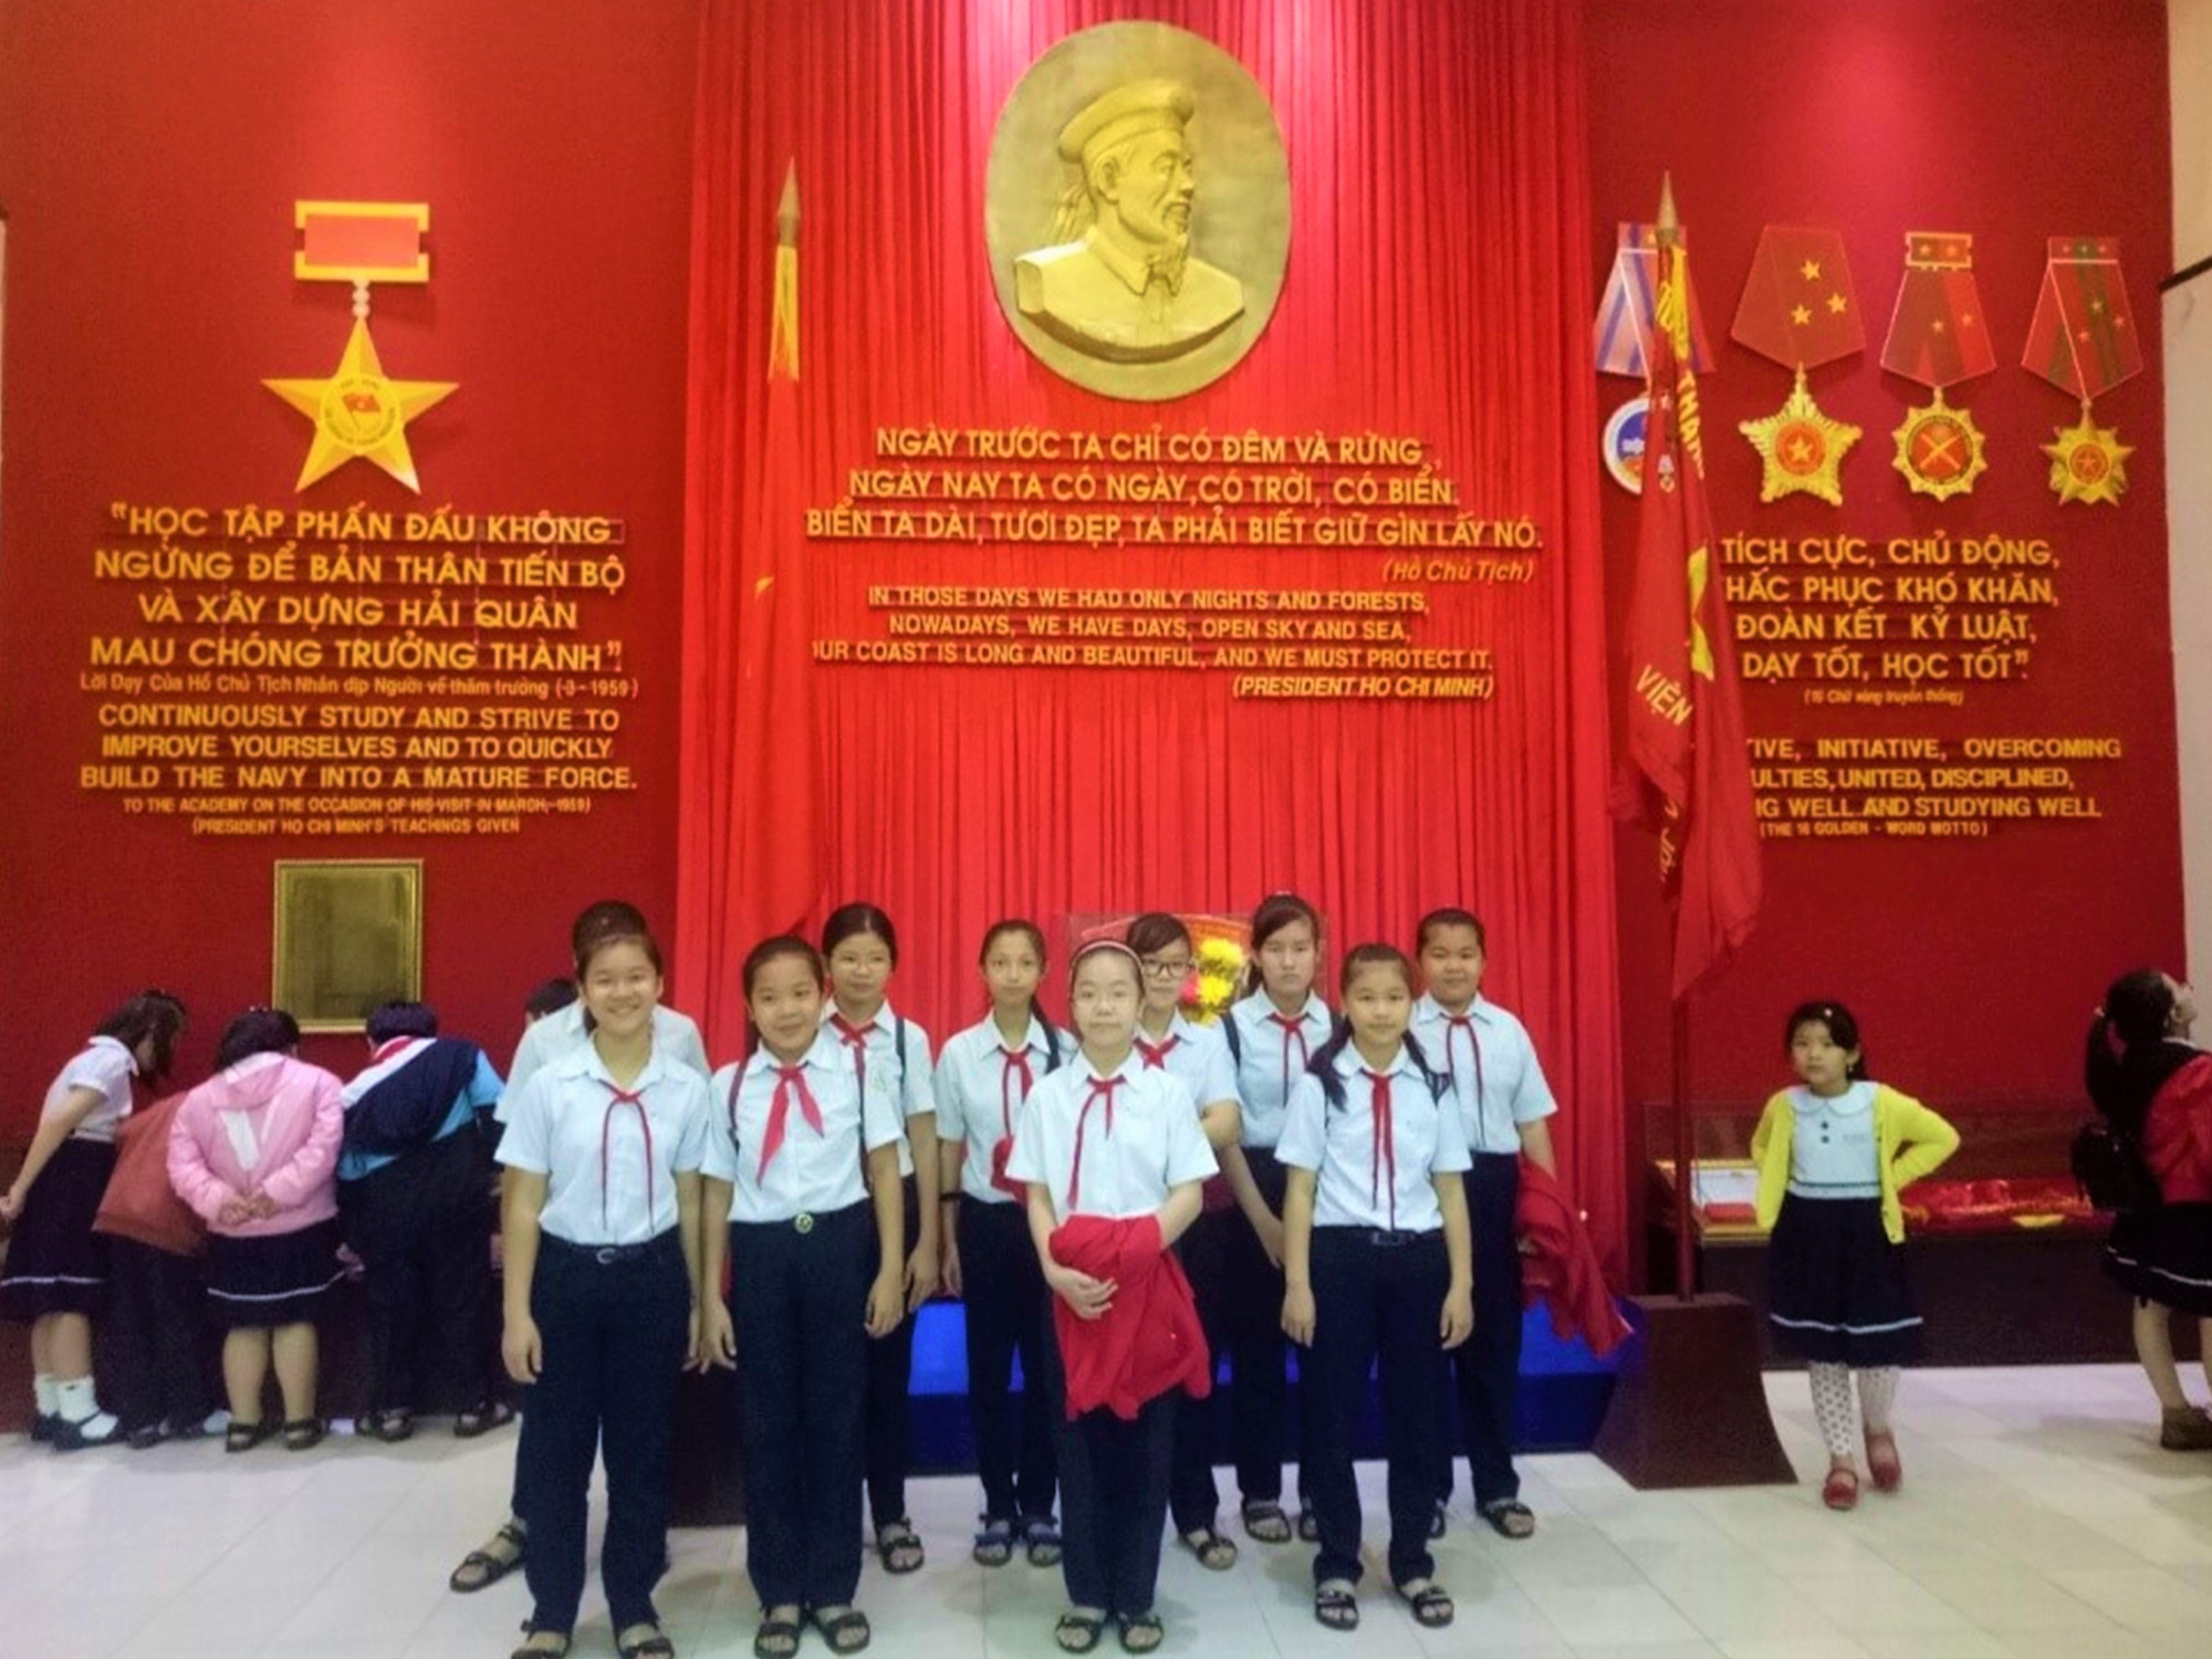 Các hoạt động chào mừng kỷ niệm 73 năm Ngày thành lập Quân đội Nhân dân Việt Nam, 28 năm ngày hội Quốc phòng toàn dân